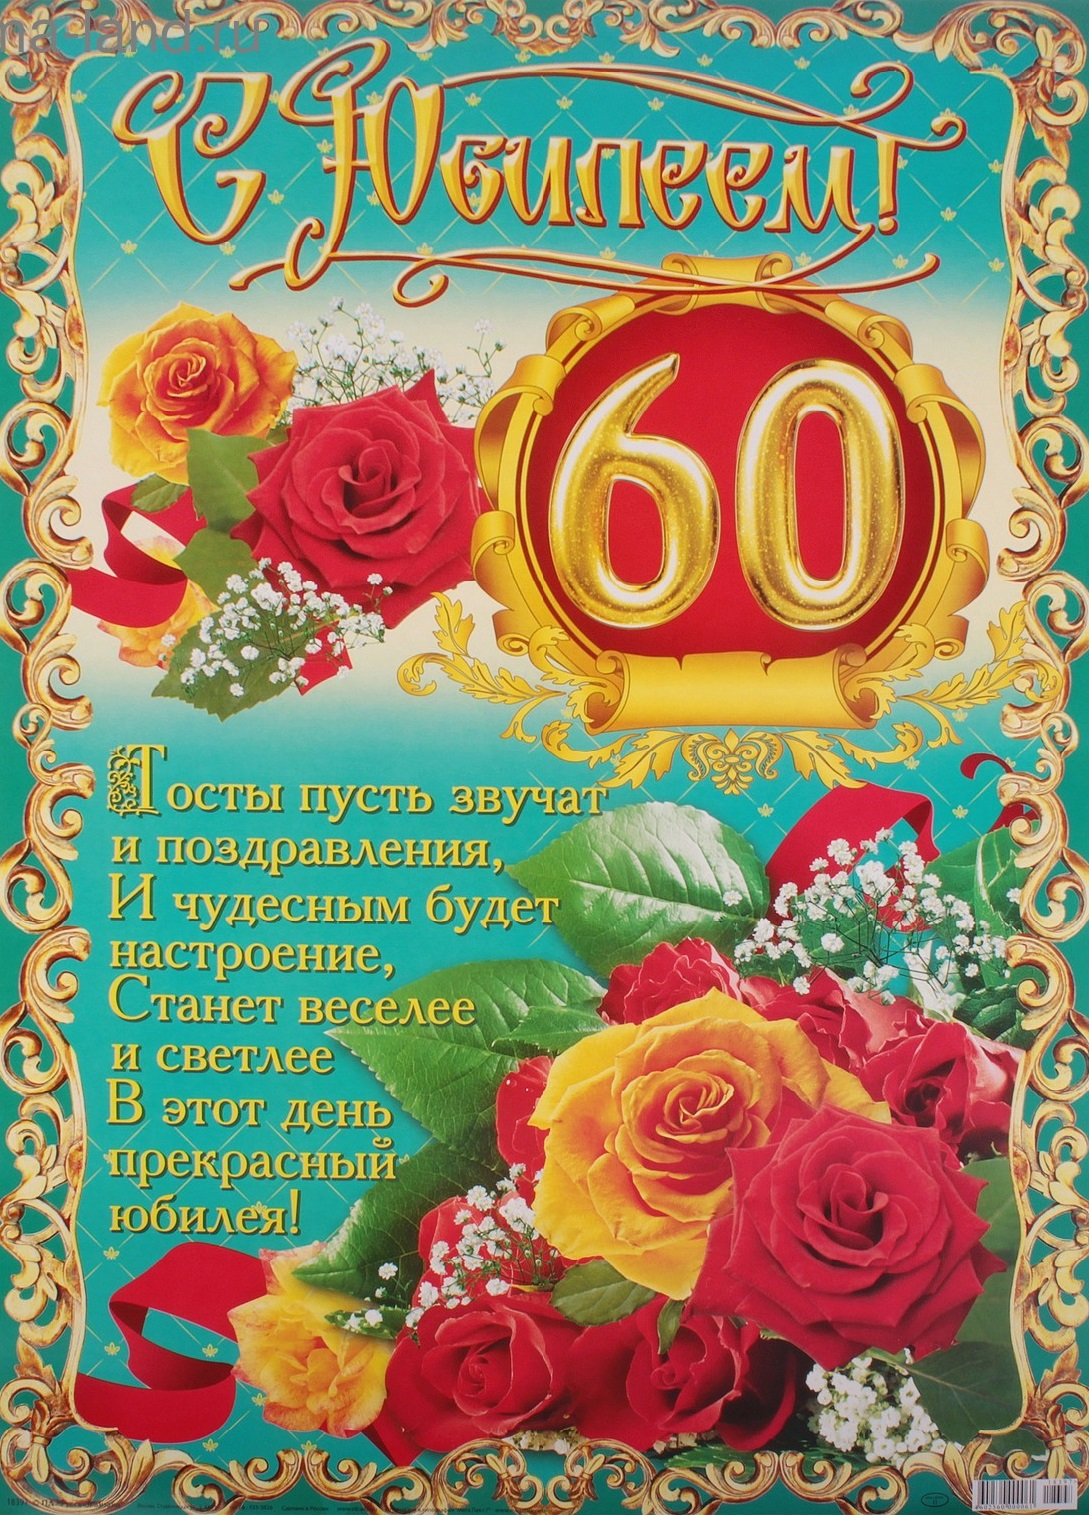 Поздравления на юбилей мужчине 50 лет от мамы